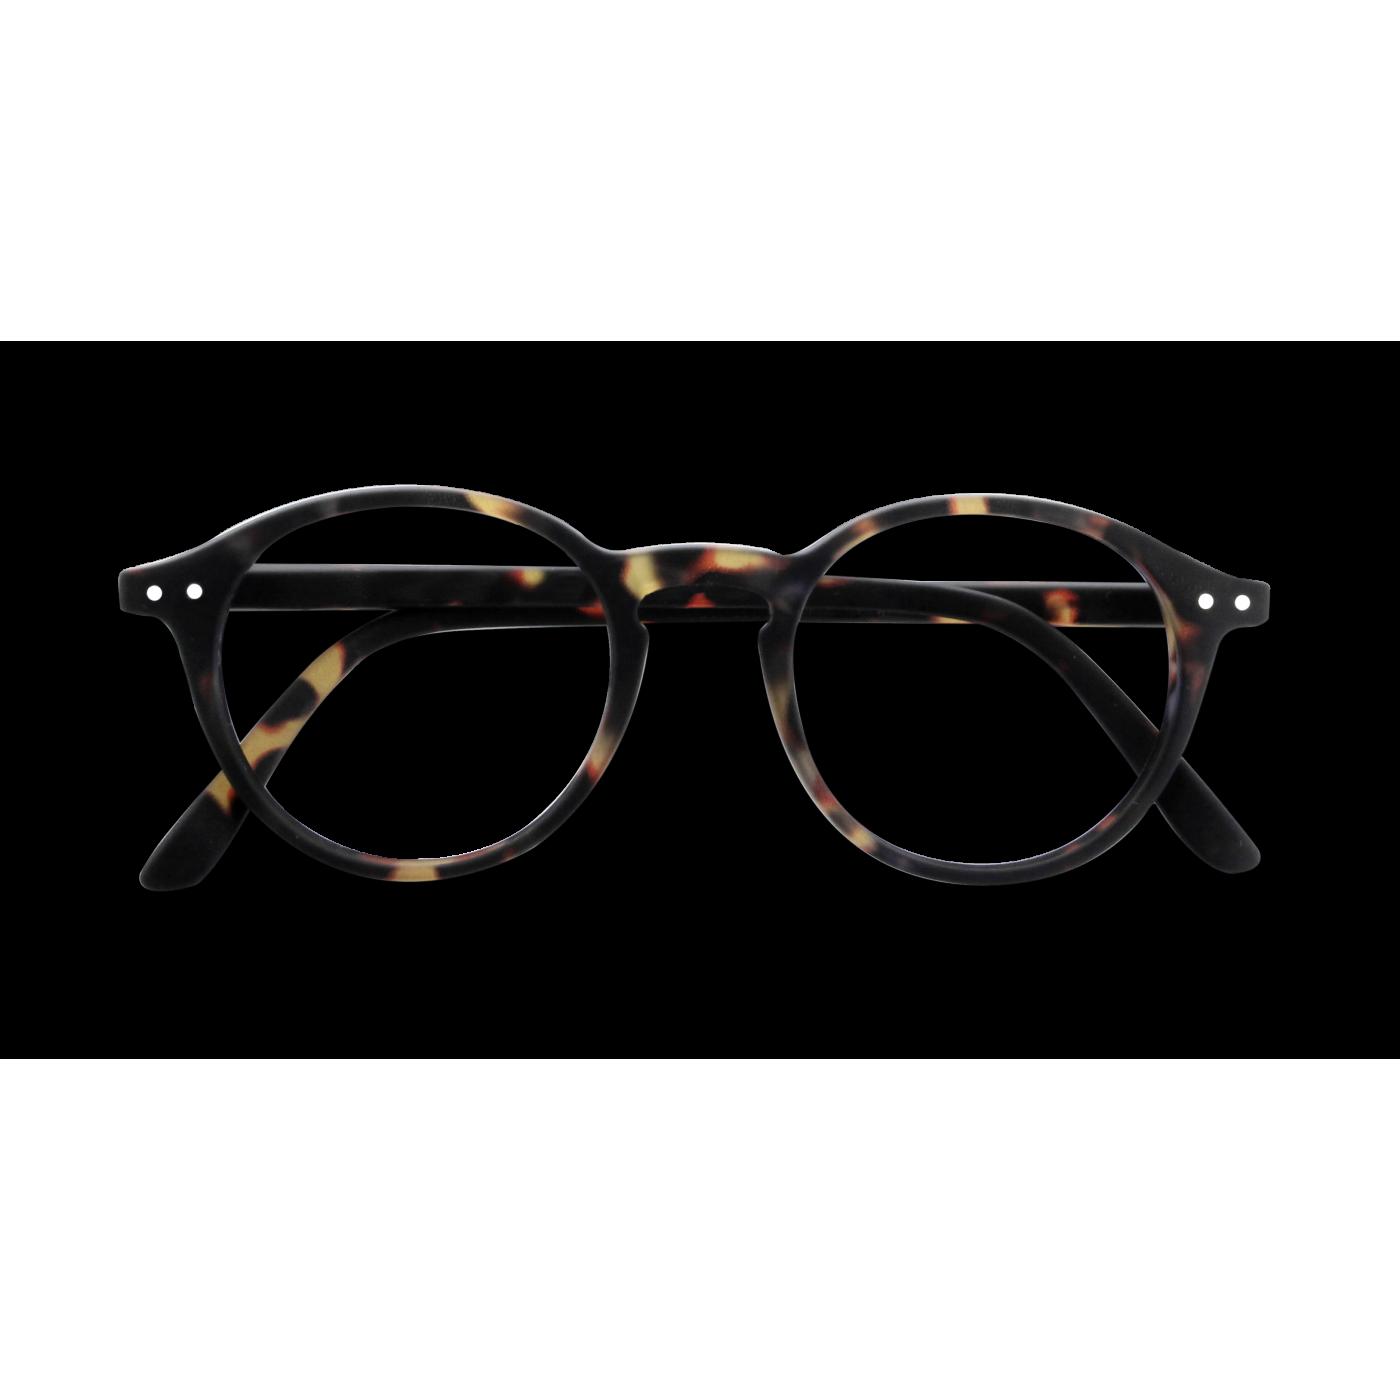 D SCREEN Tortoise | Lunettes, Montures lunettes et Lunettes mode